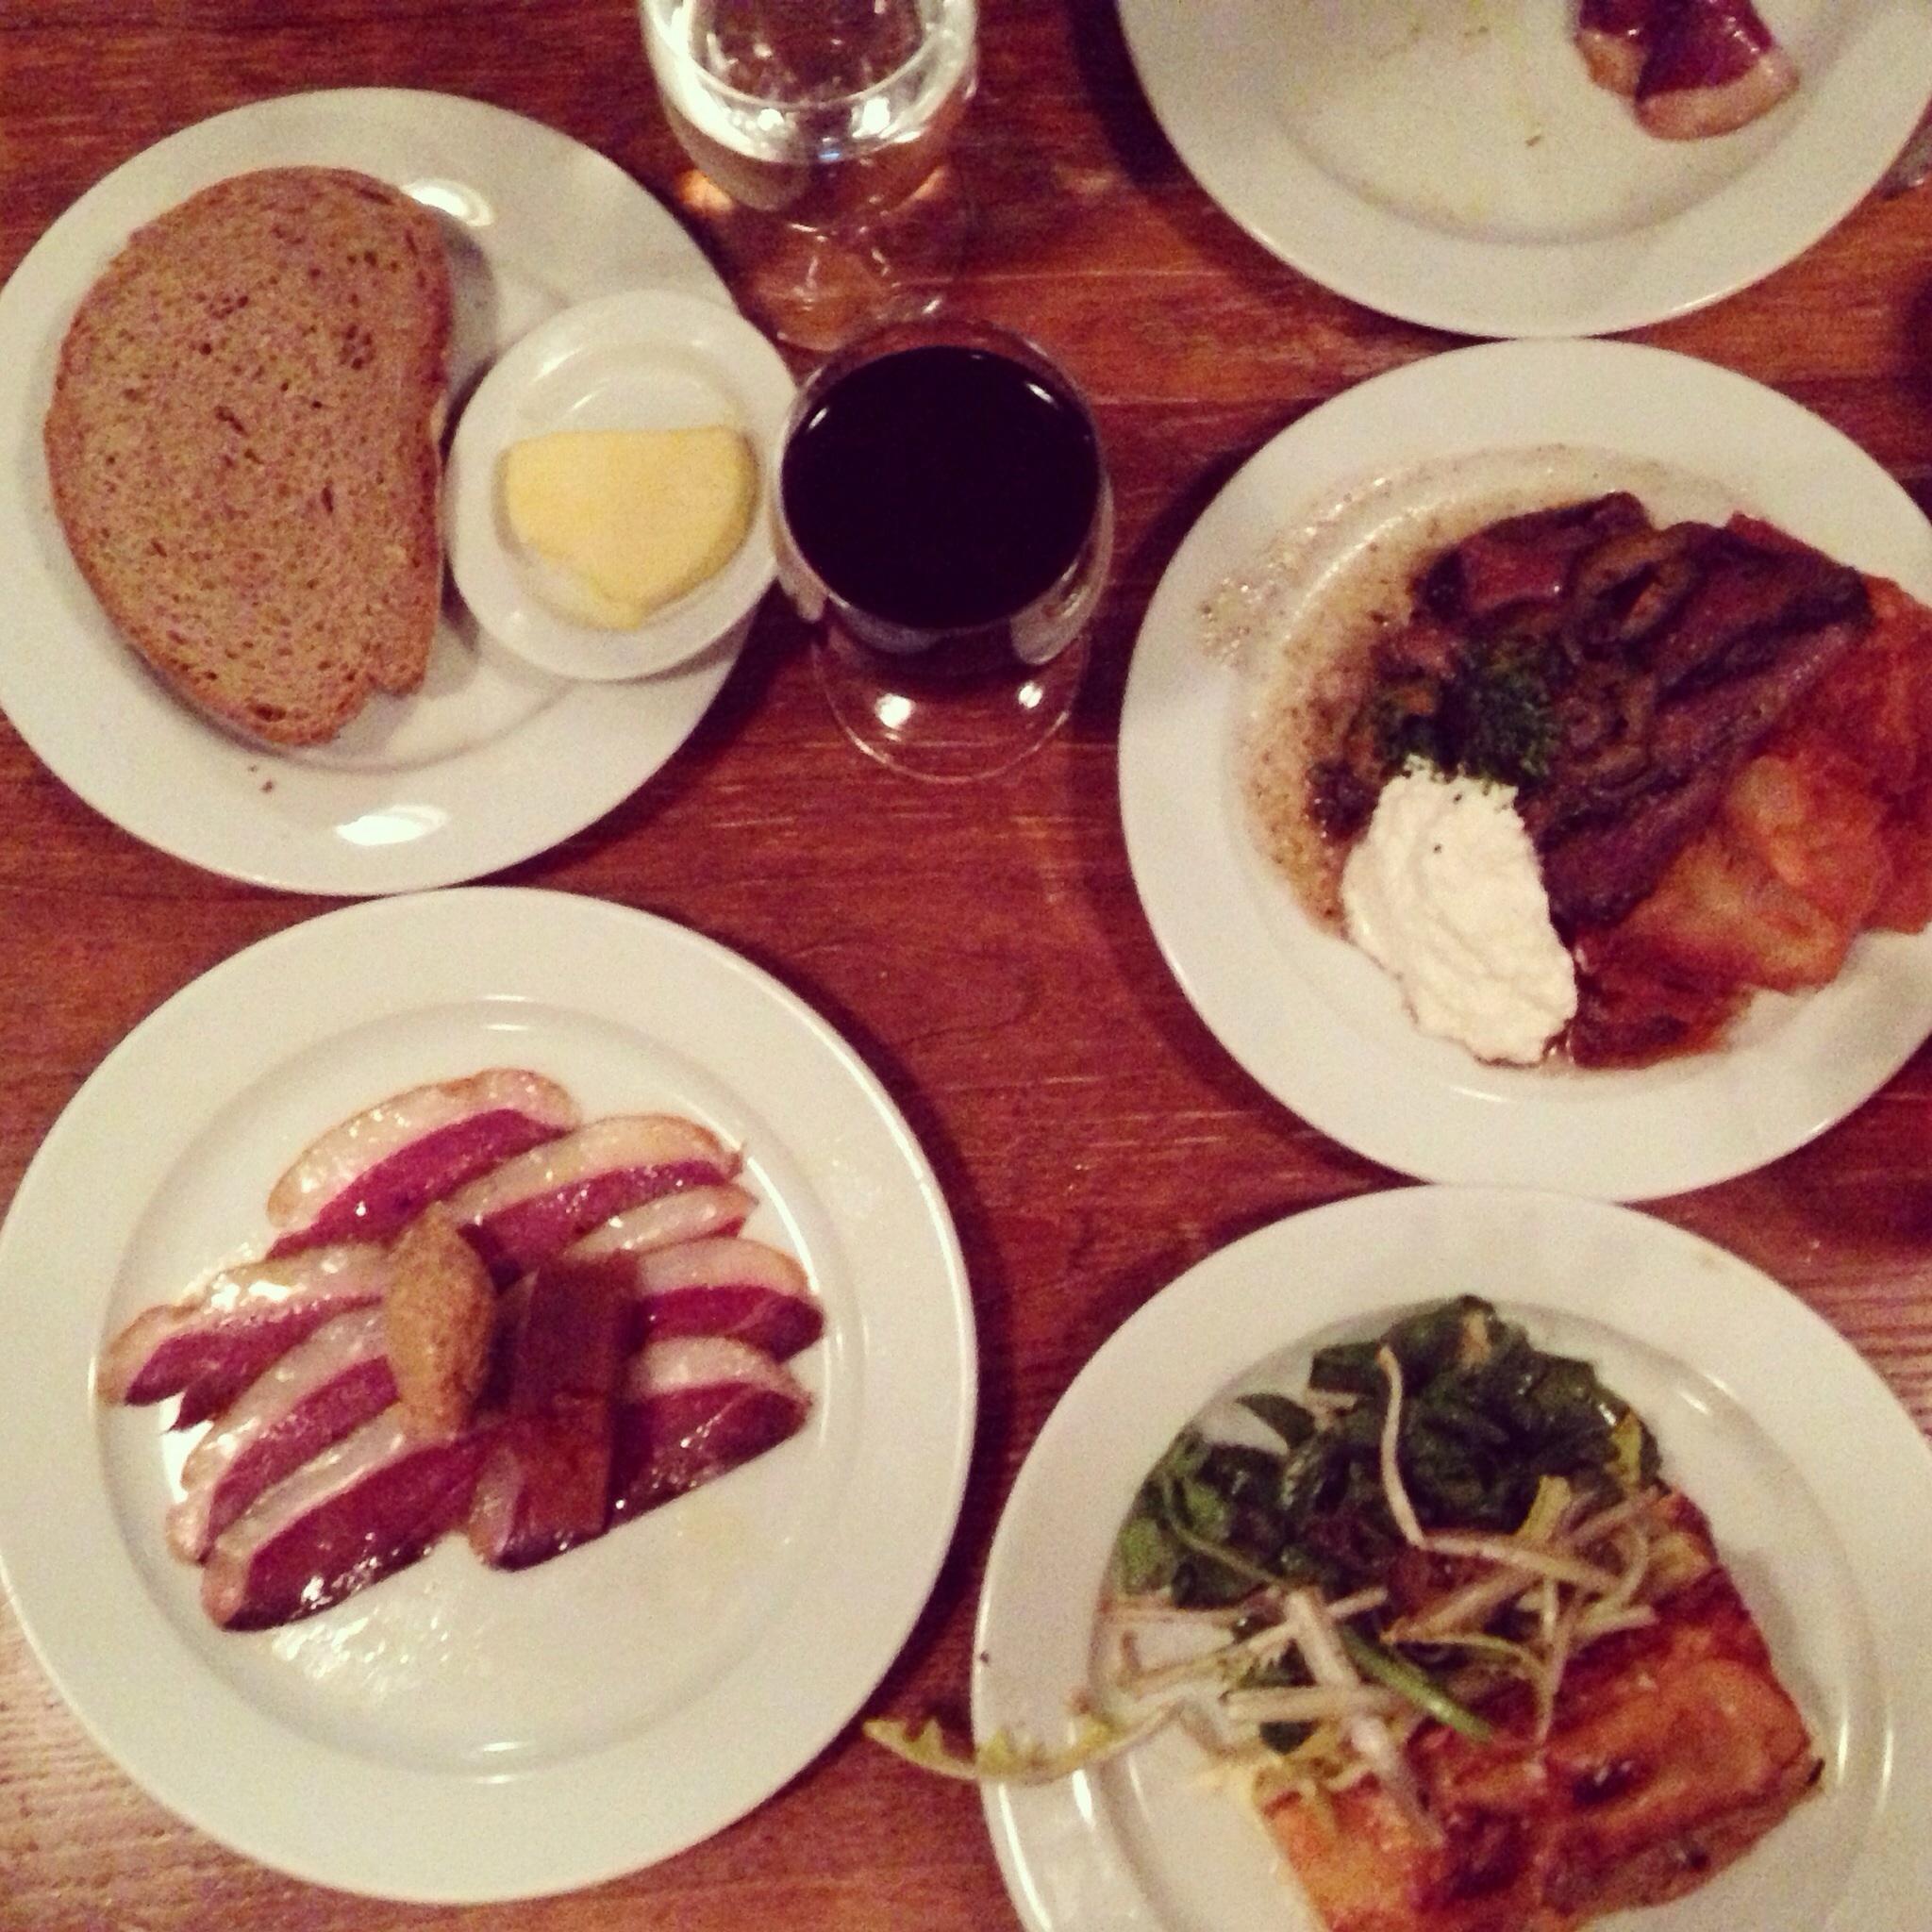 Ett helt bord fyllt av smårätter på Bread & Wine.